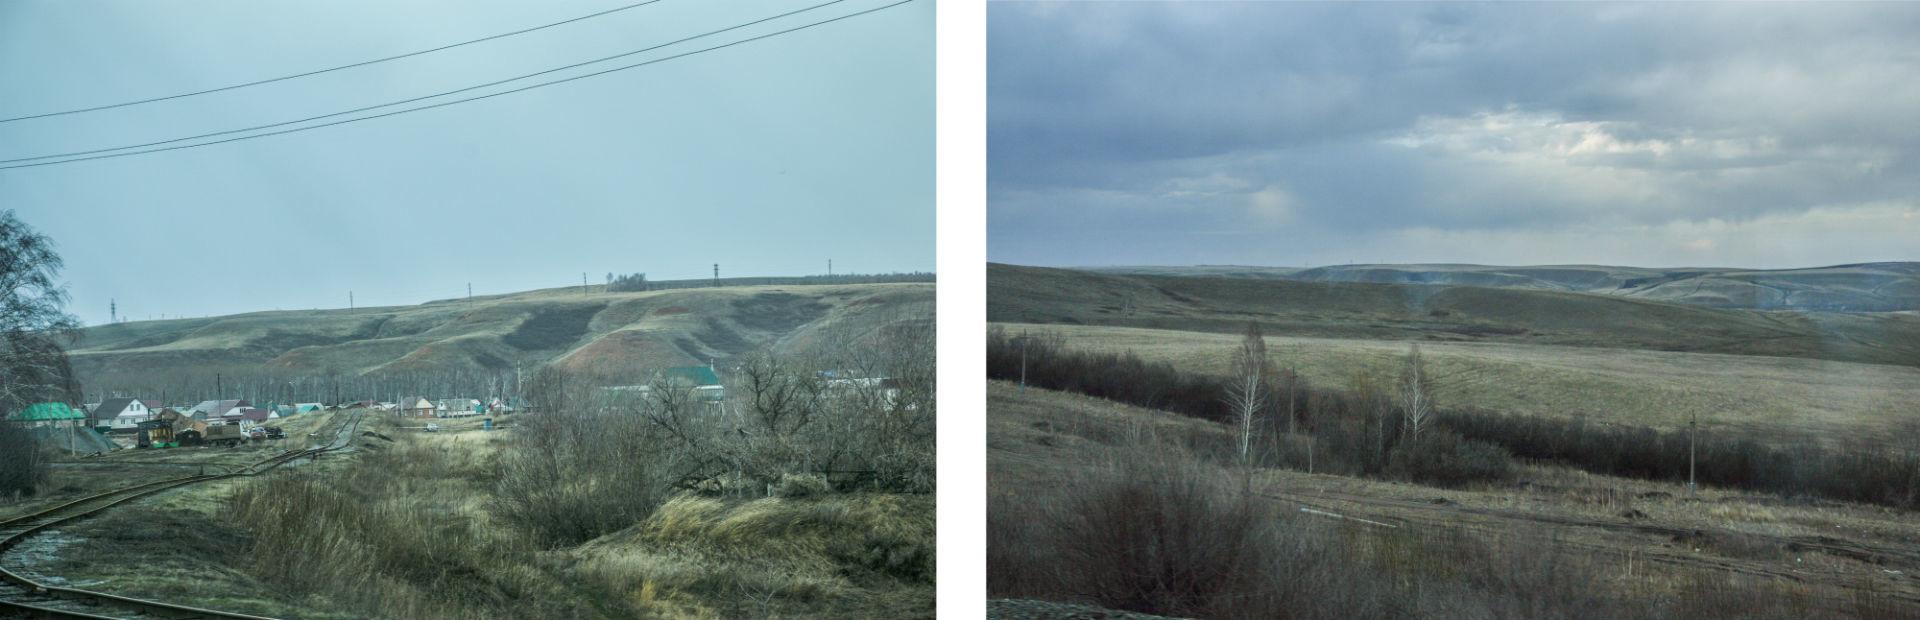 Depuis la fenêtre du wagon les paysages sont monotones mais apaisants.